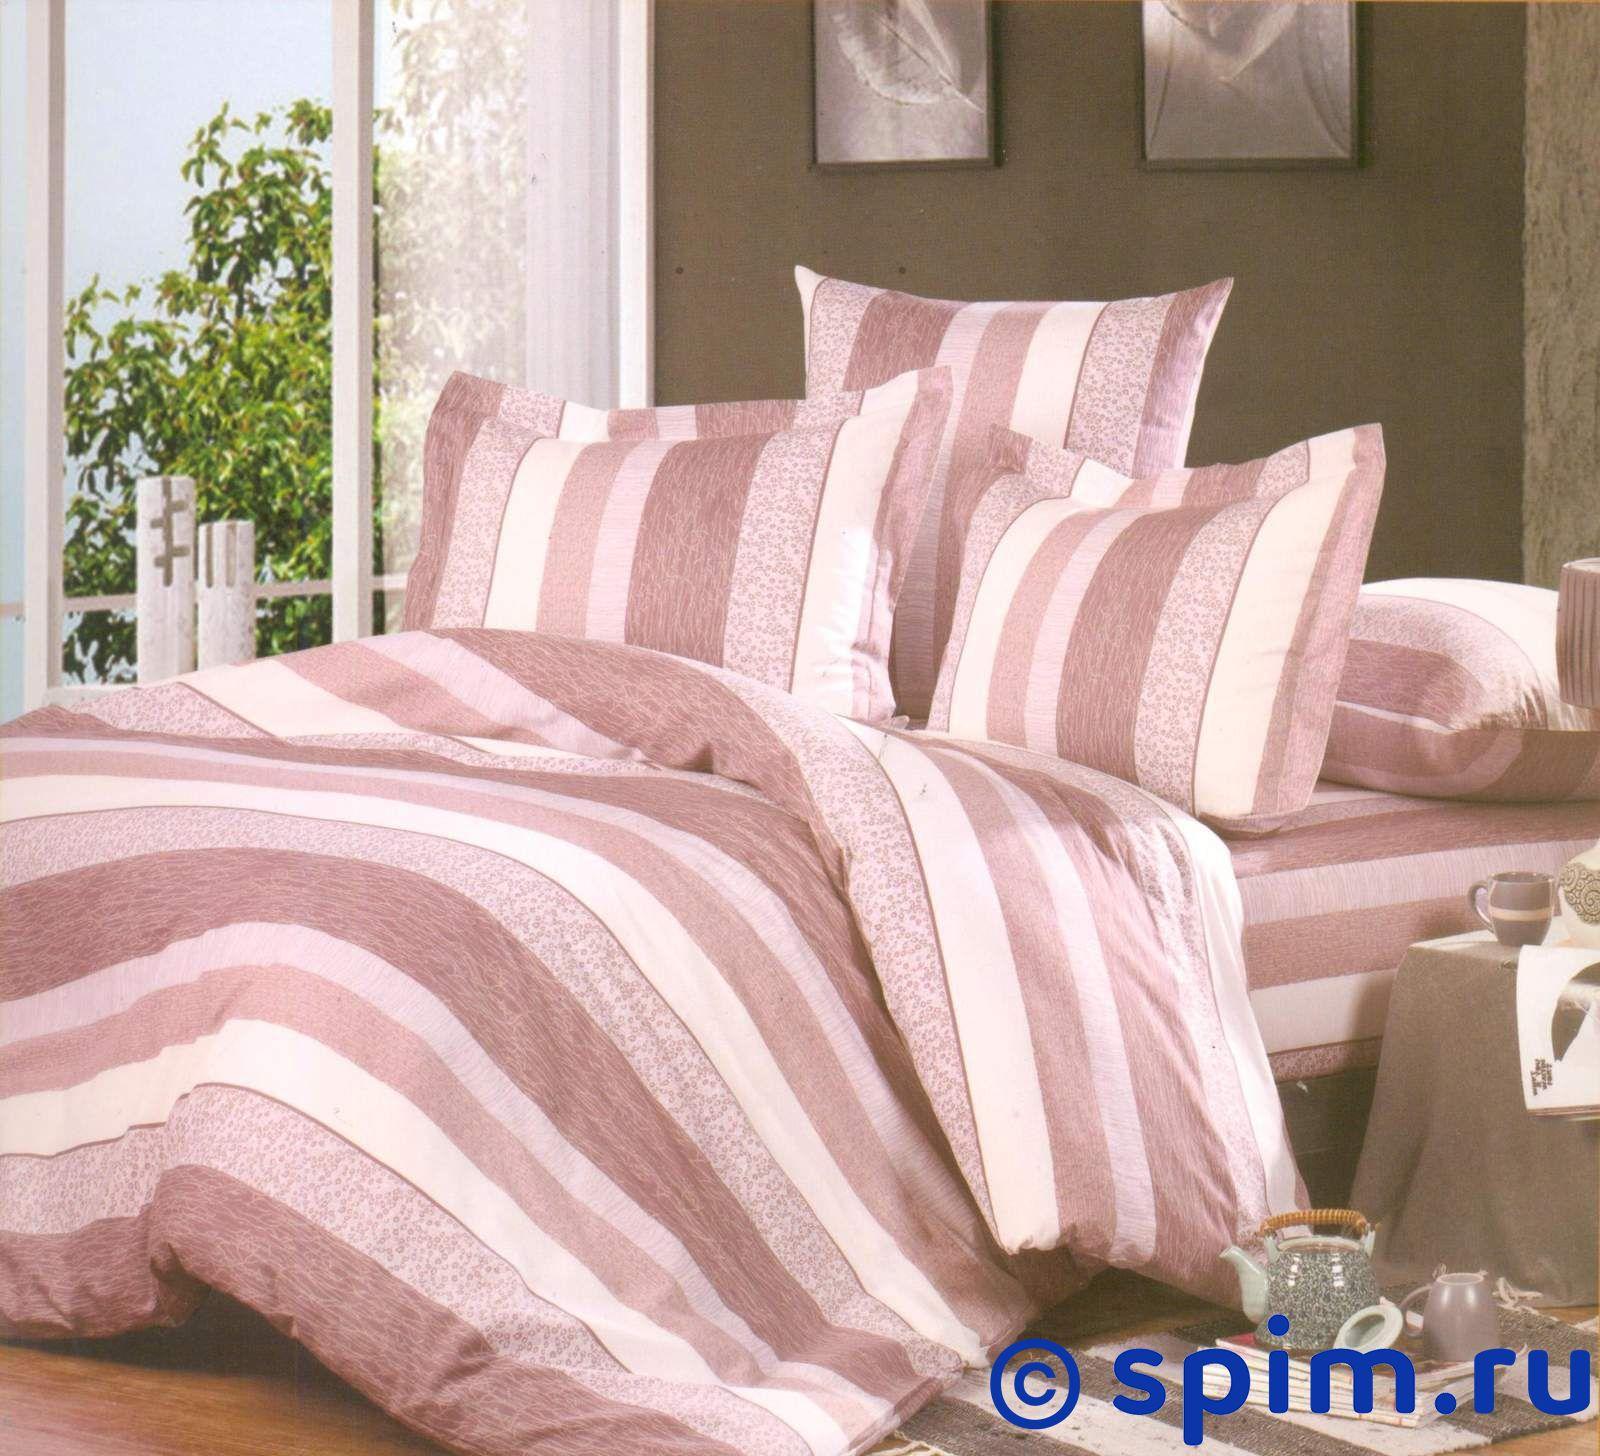 Комплект СайлиД А137 1.5 спальное